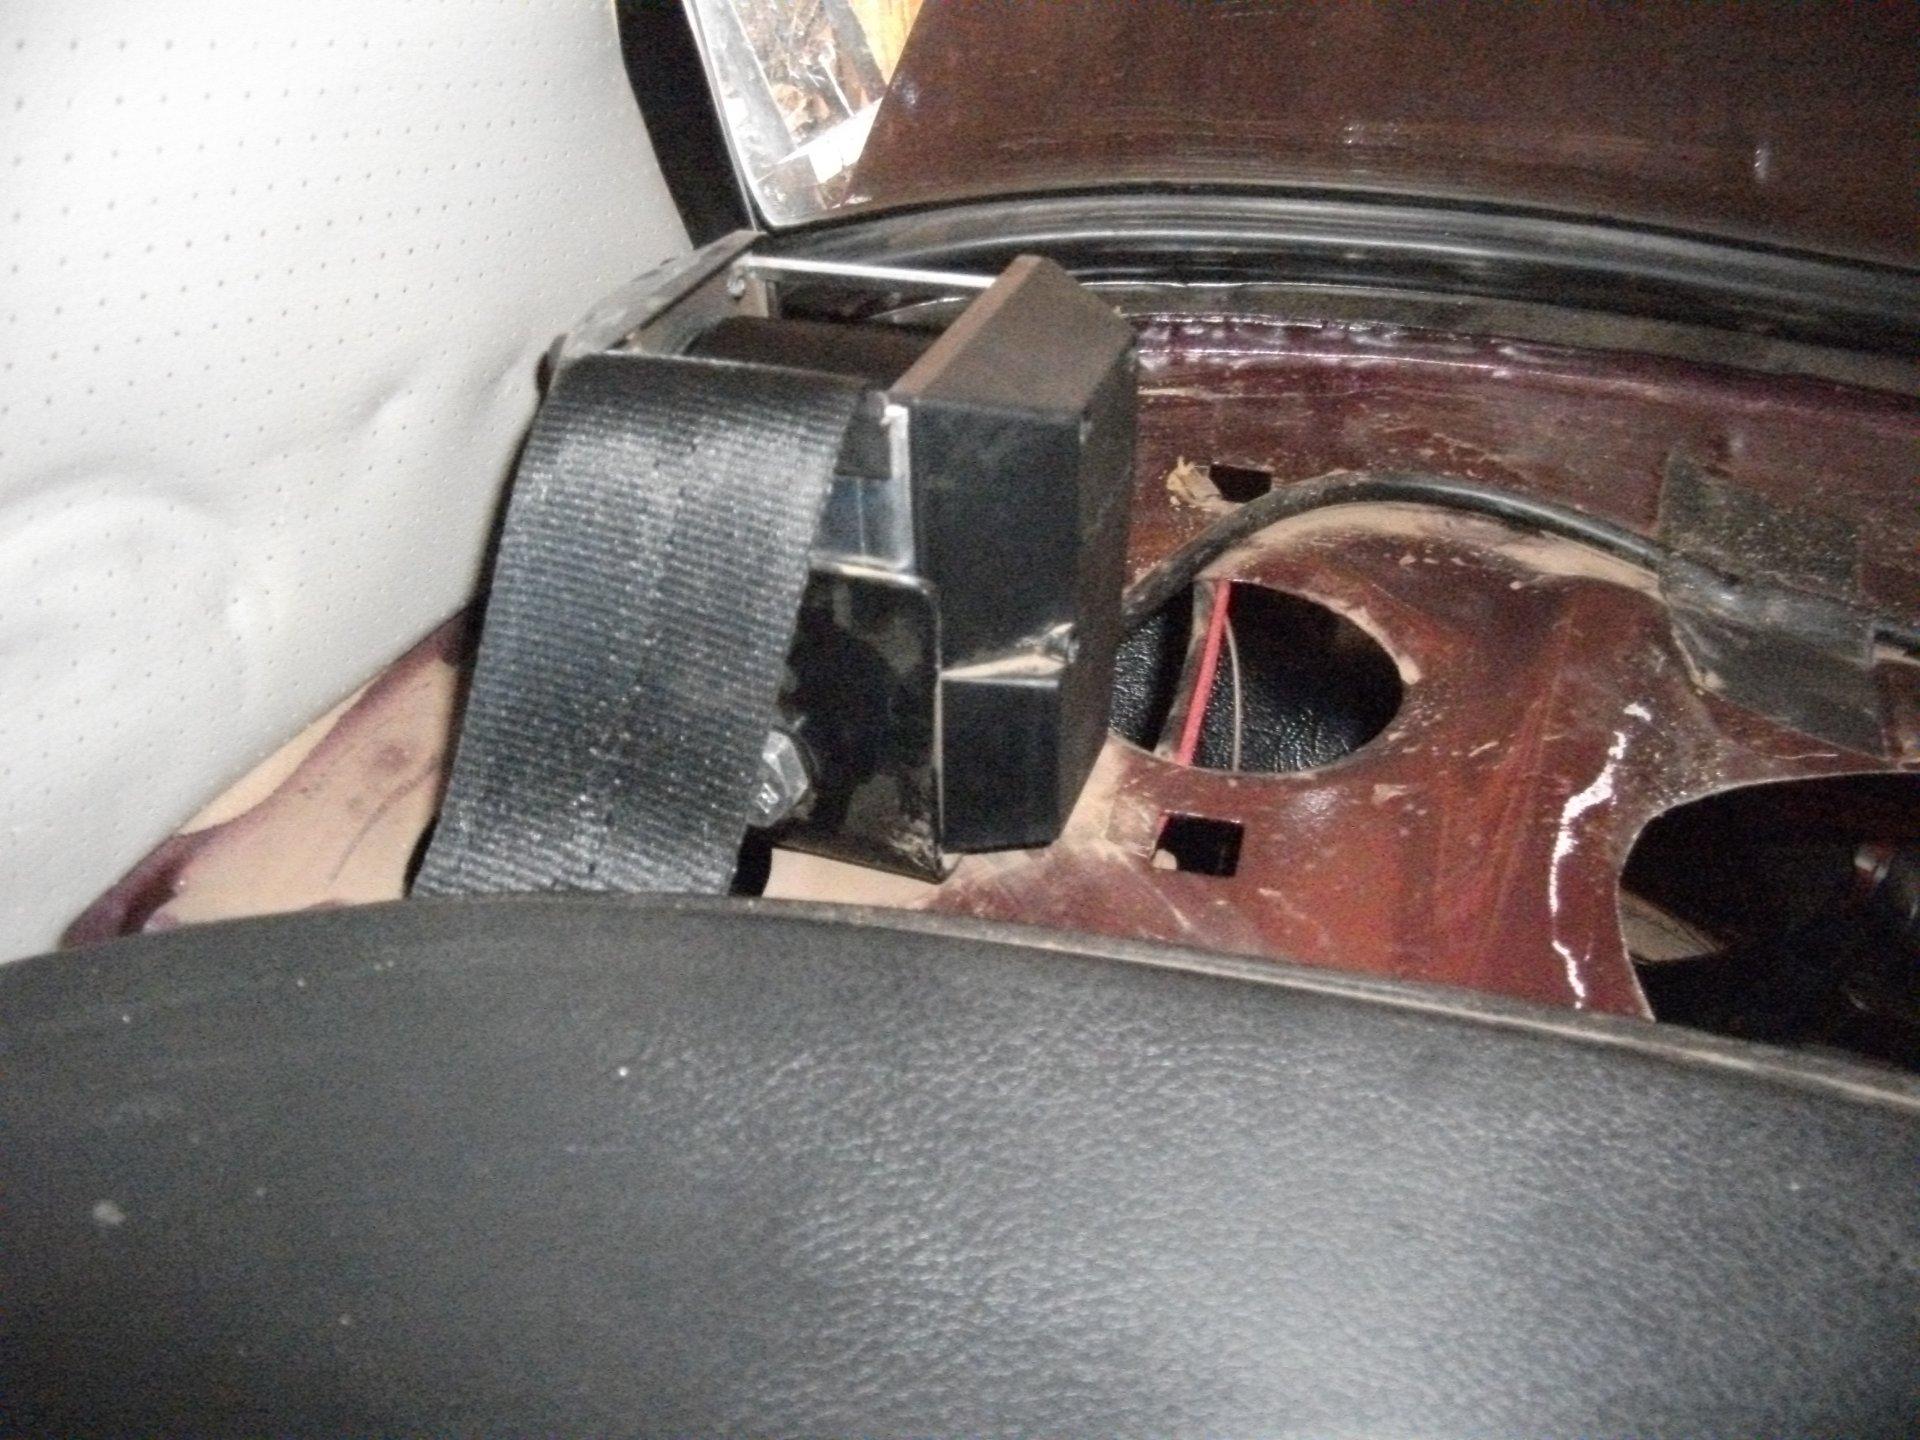 2106 задние ремни безопасности: